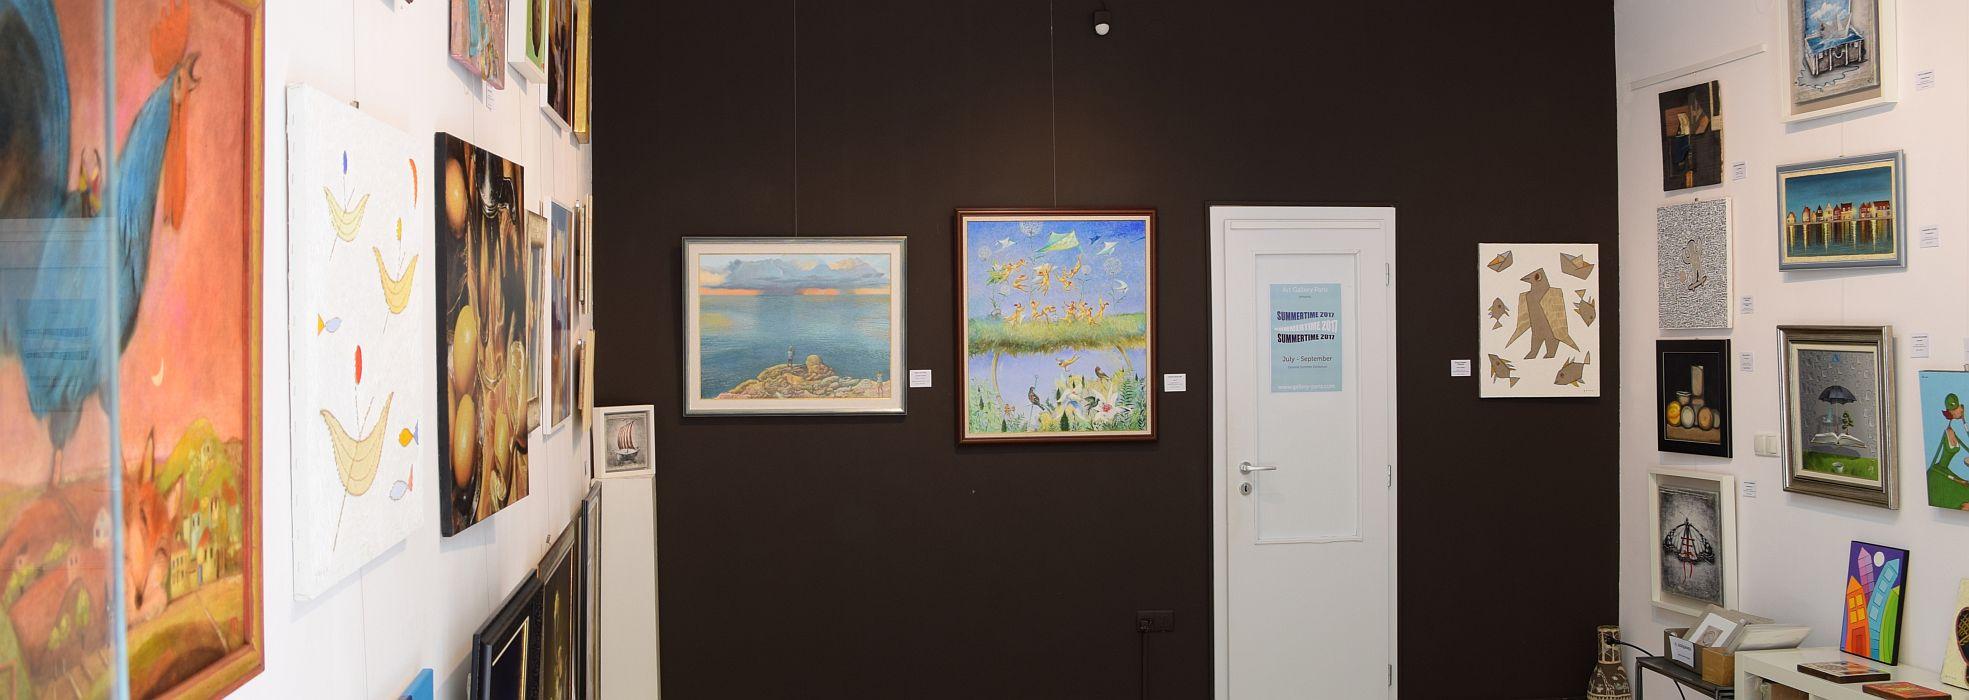 Summertime 2017 - Art Gallery Paris